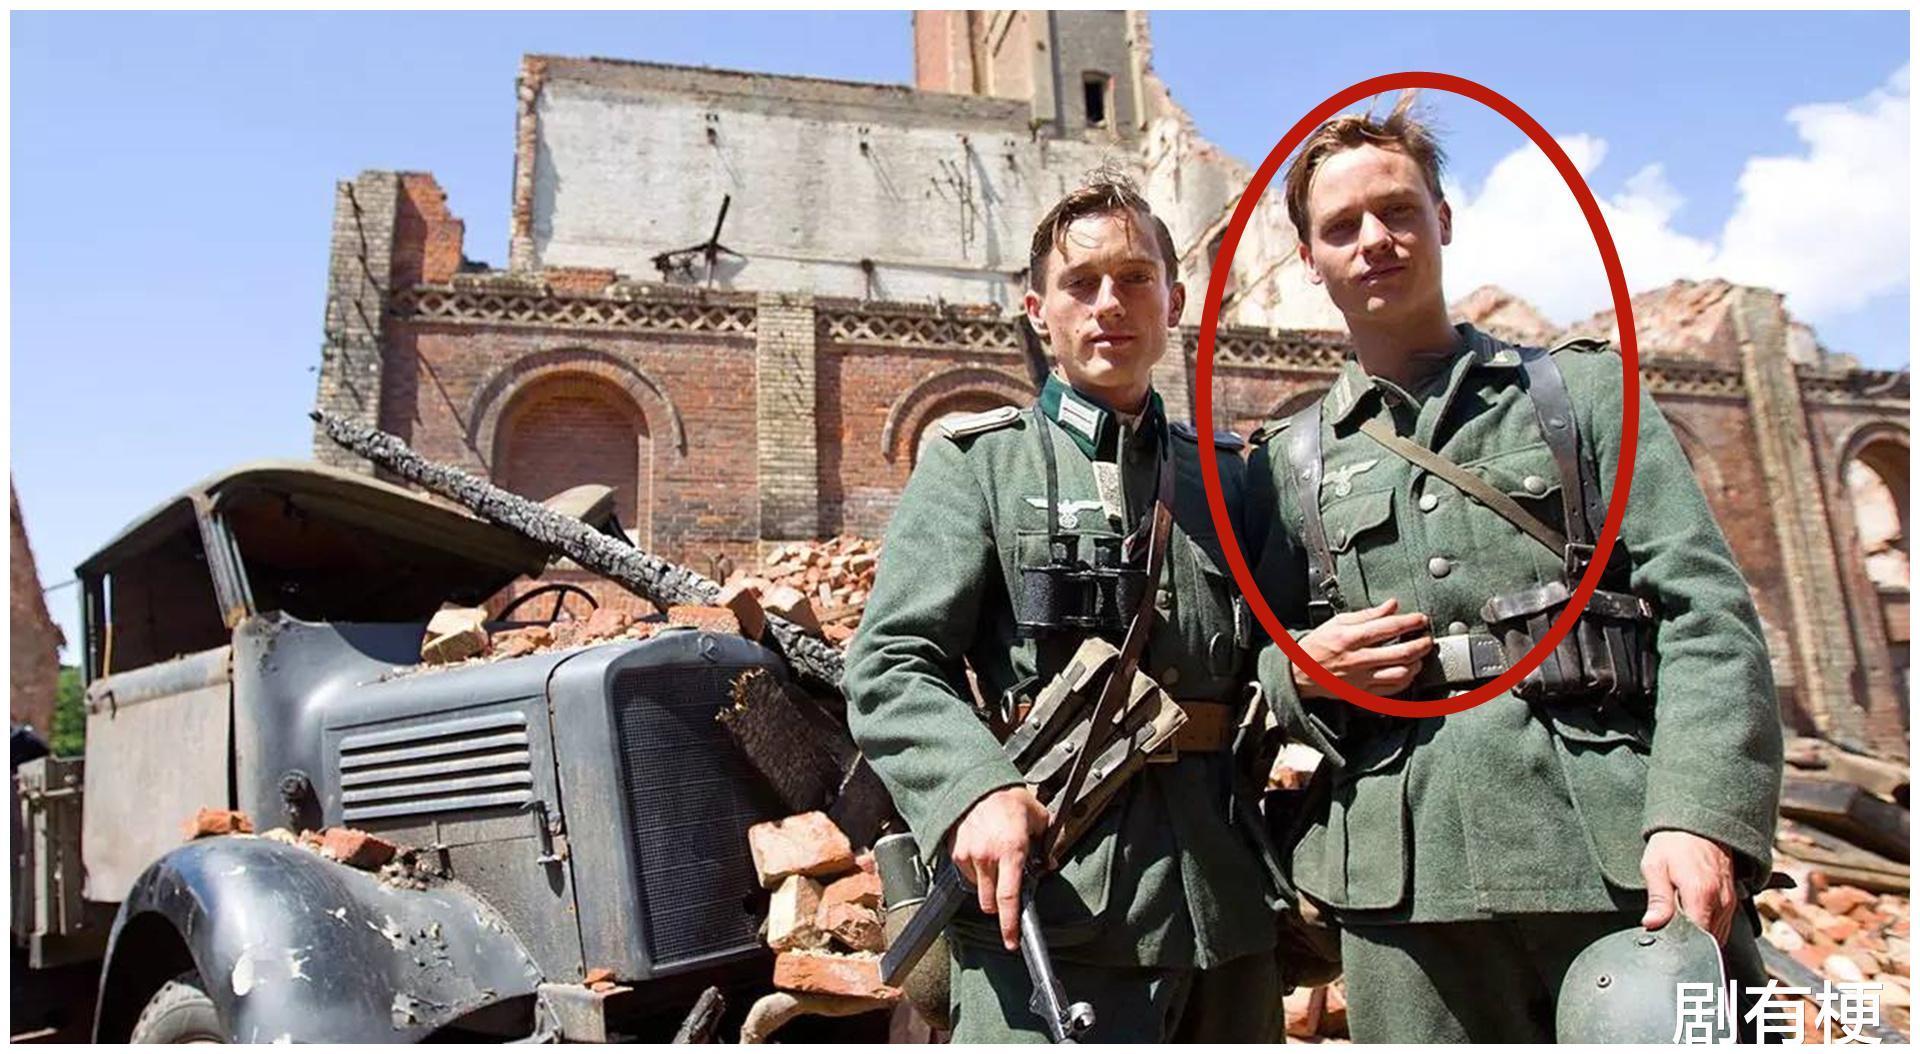 二战德军的单兵素质有多高?别被影视剧给骗了,他们可没那么差